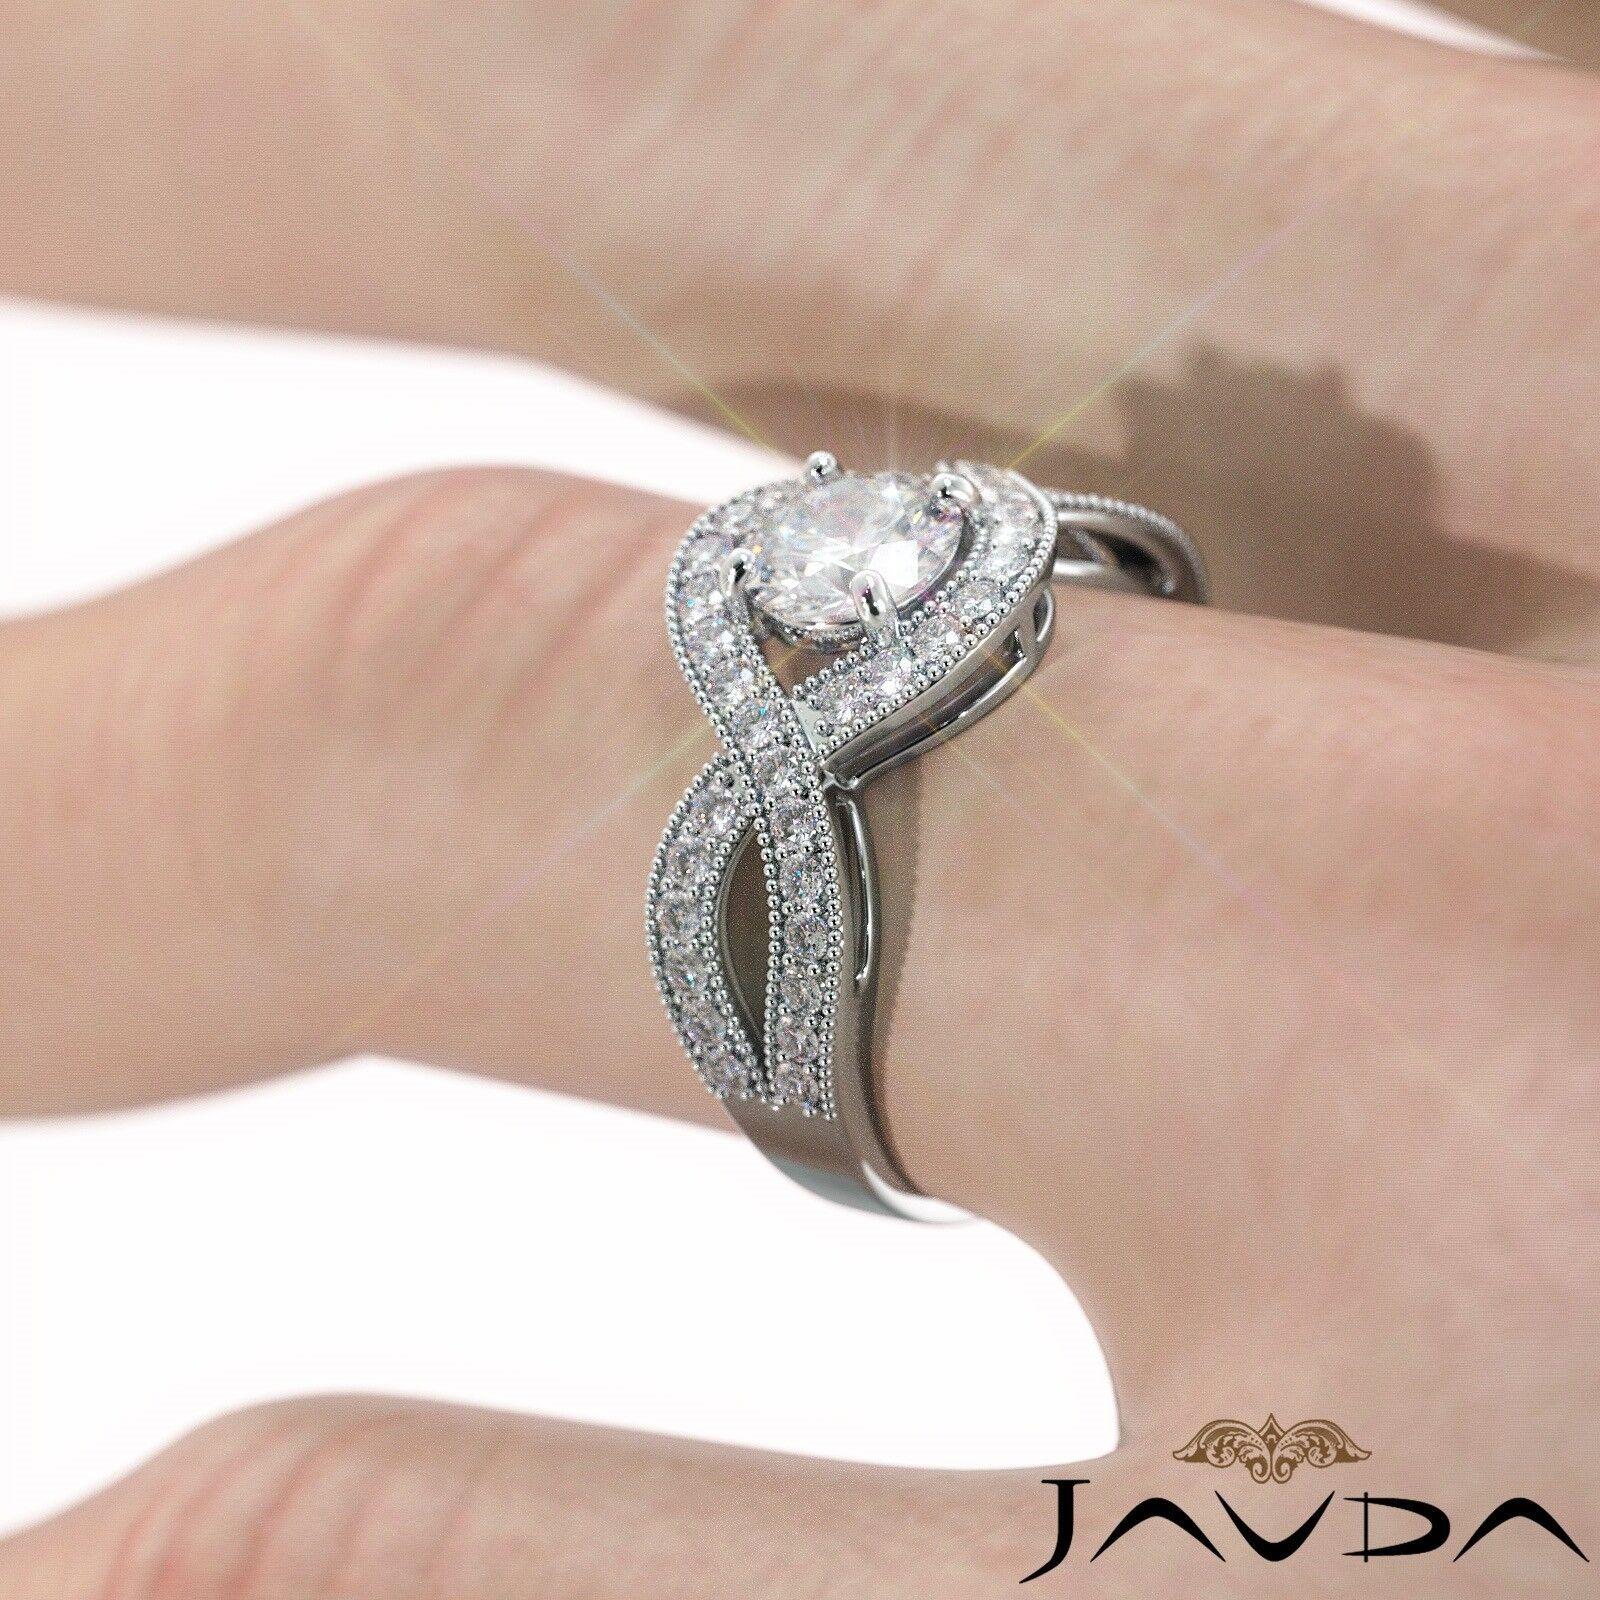 1.25ctw Milgrain Halo Side Stone Round Diamond Engagement Ring GIA G-VS1 W Gold 6